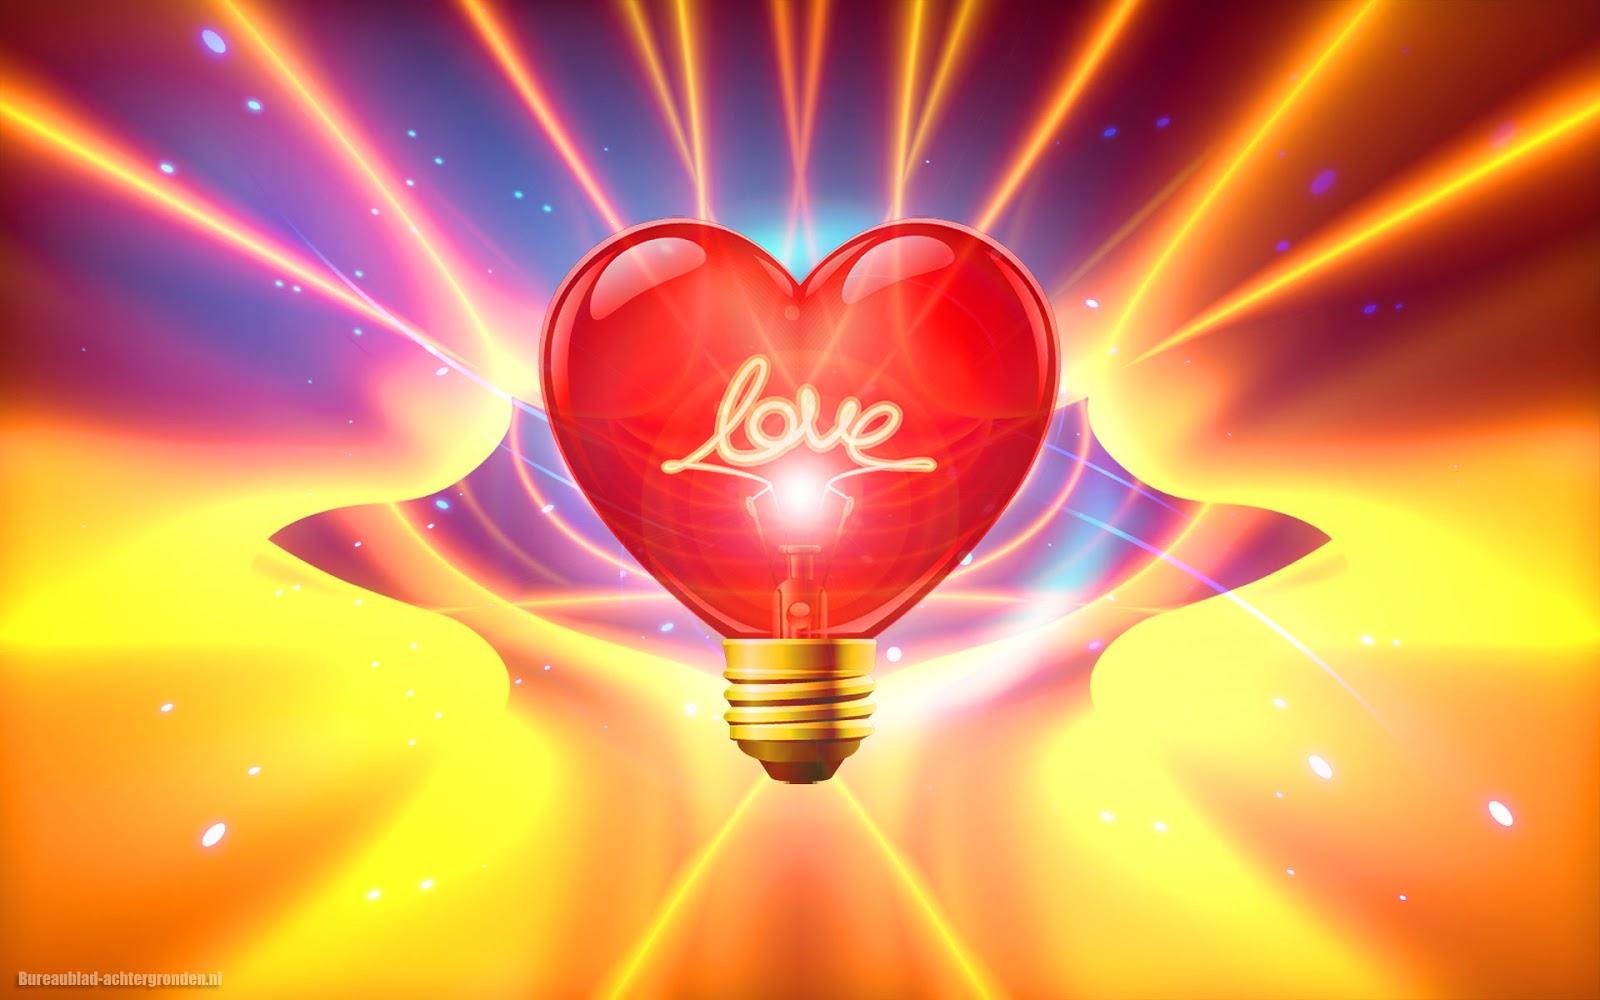 15 liefde achtergronden met liefdes hartjes bureaublad achtergronden - Felle kleuren ...